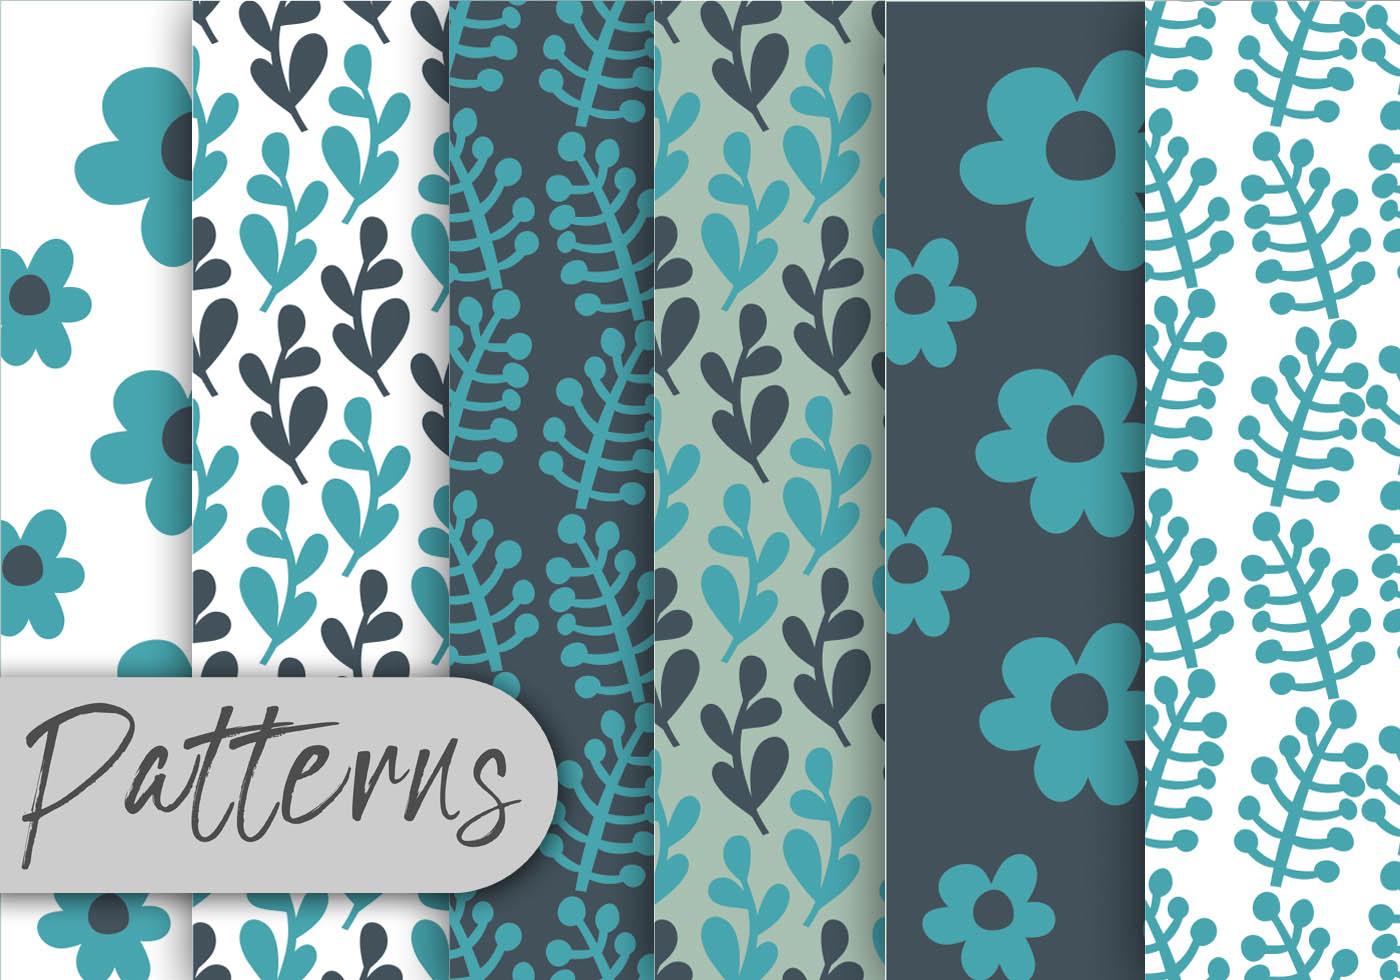 ensemble de motifs floraux bleus t l chargez de l 39 art des graphiques et des images vectoriels. Black Bedroom Furniture Sets. Home Design Ideas